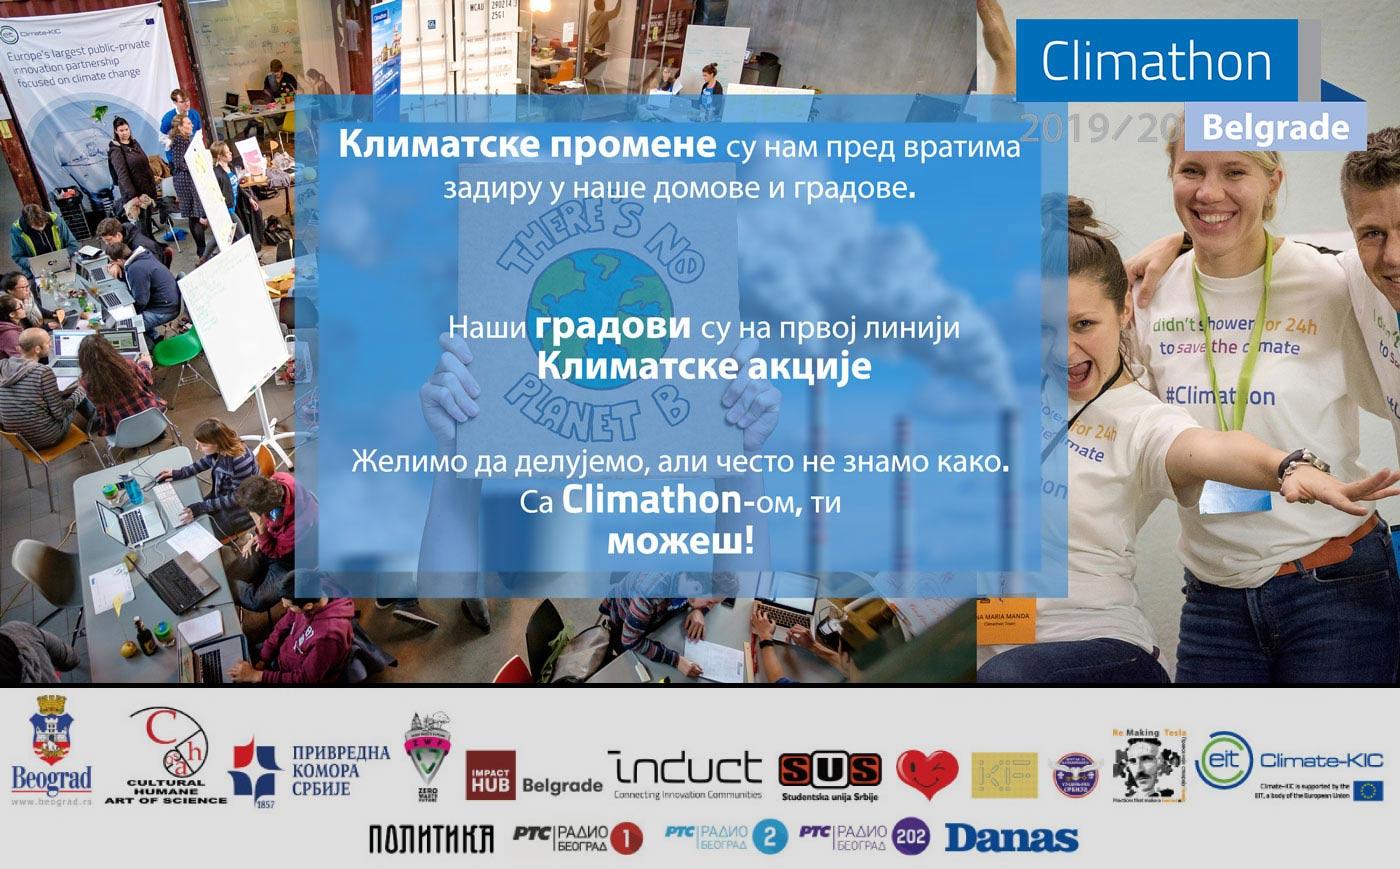 Climathon-Cover-Belgrade-logos